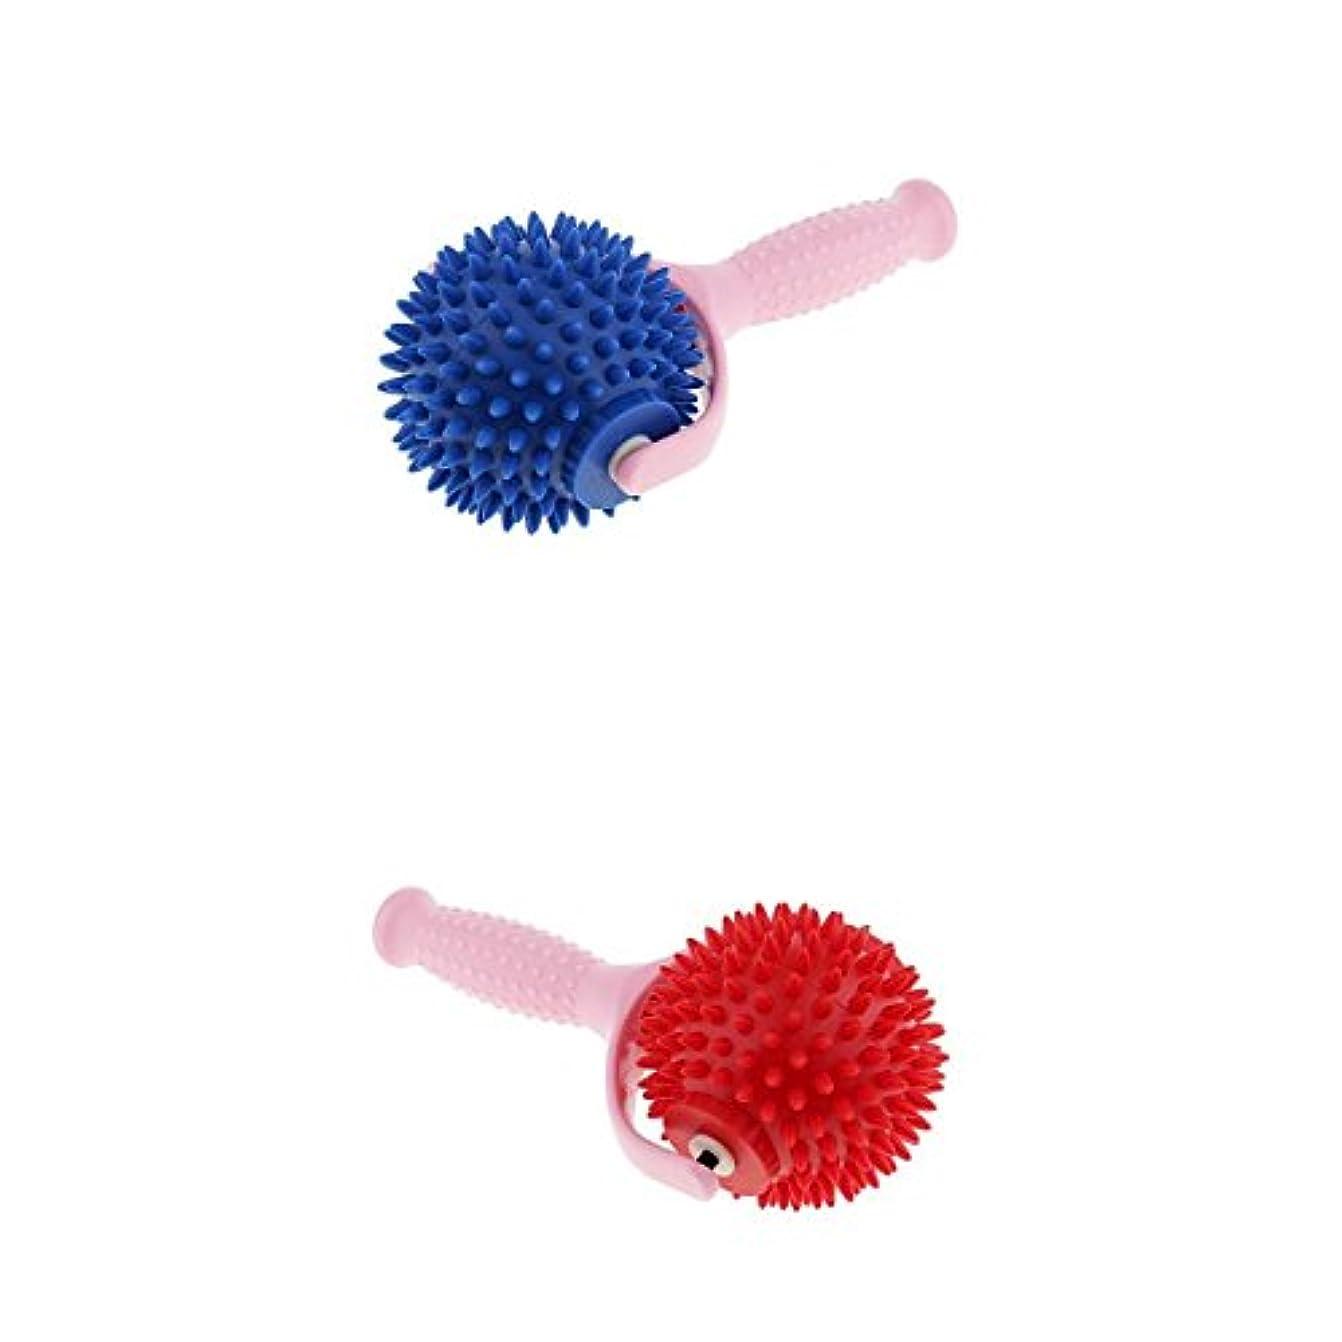 円形利用可能趣味Kesoto マッサージボール 手持ち 2個 鍼療法 伝統的 筋膜リリース 疲労回復 ヘルスケア お買い得